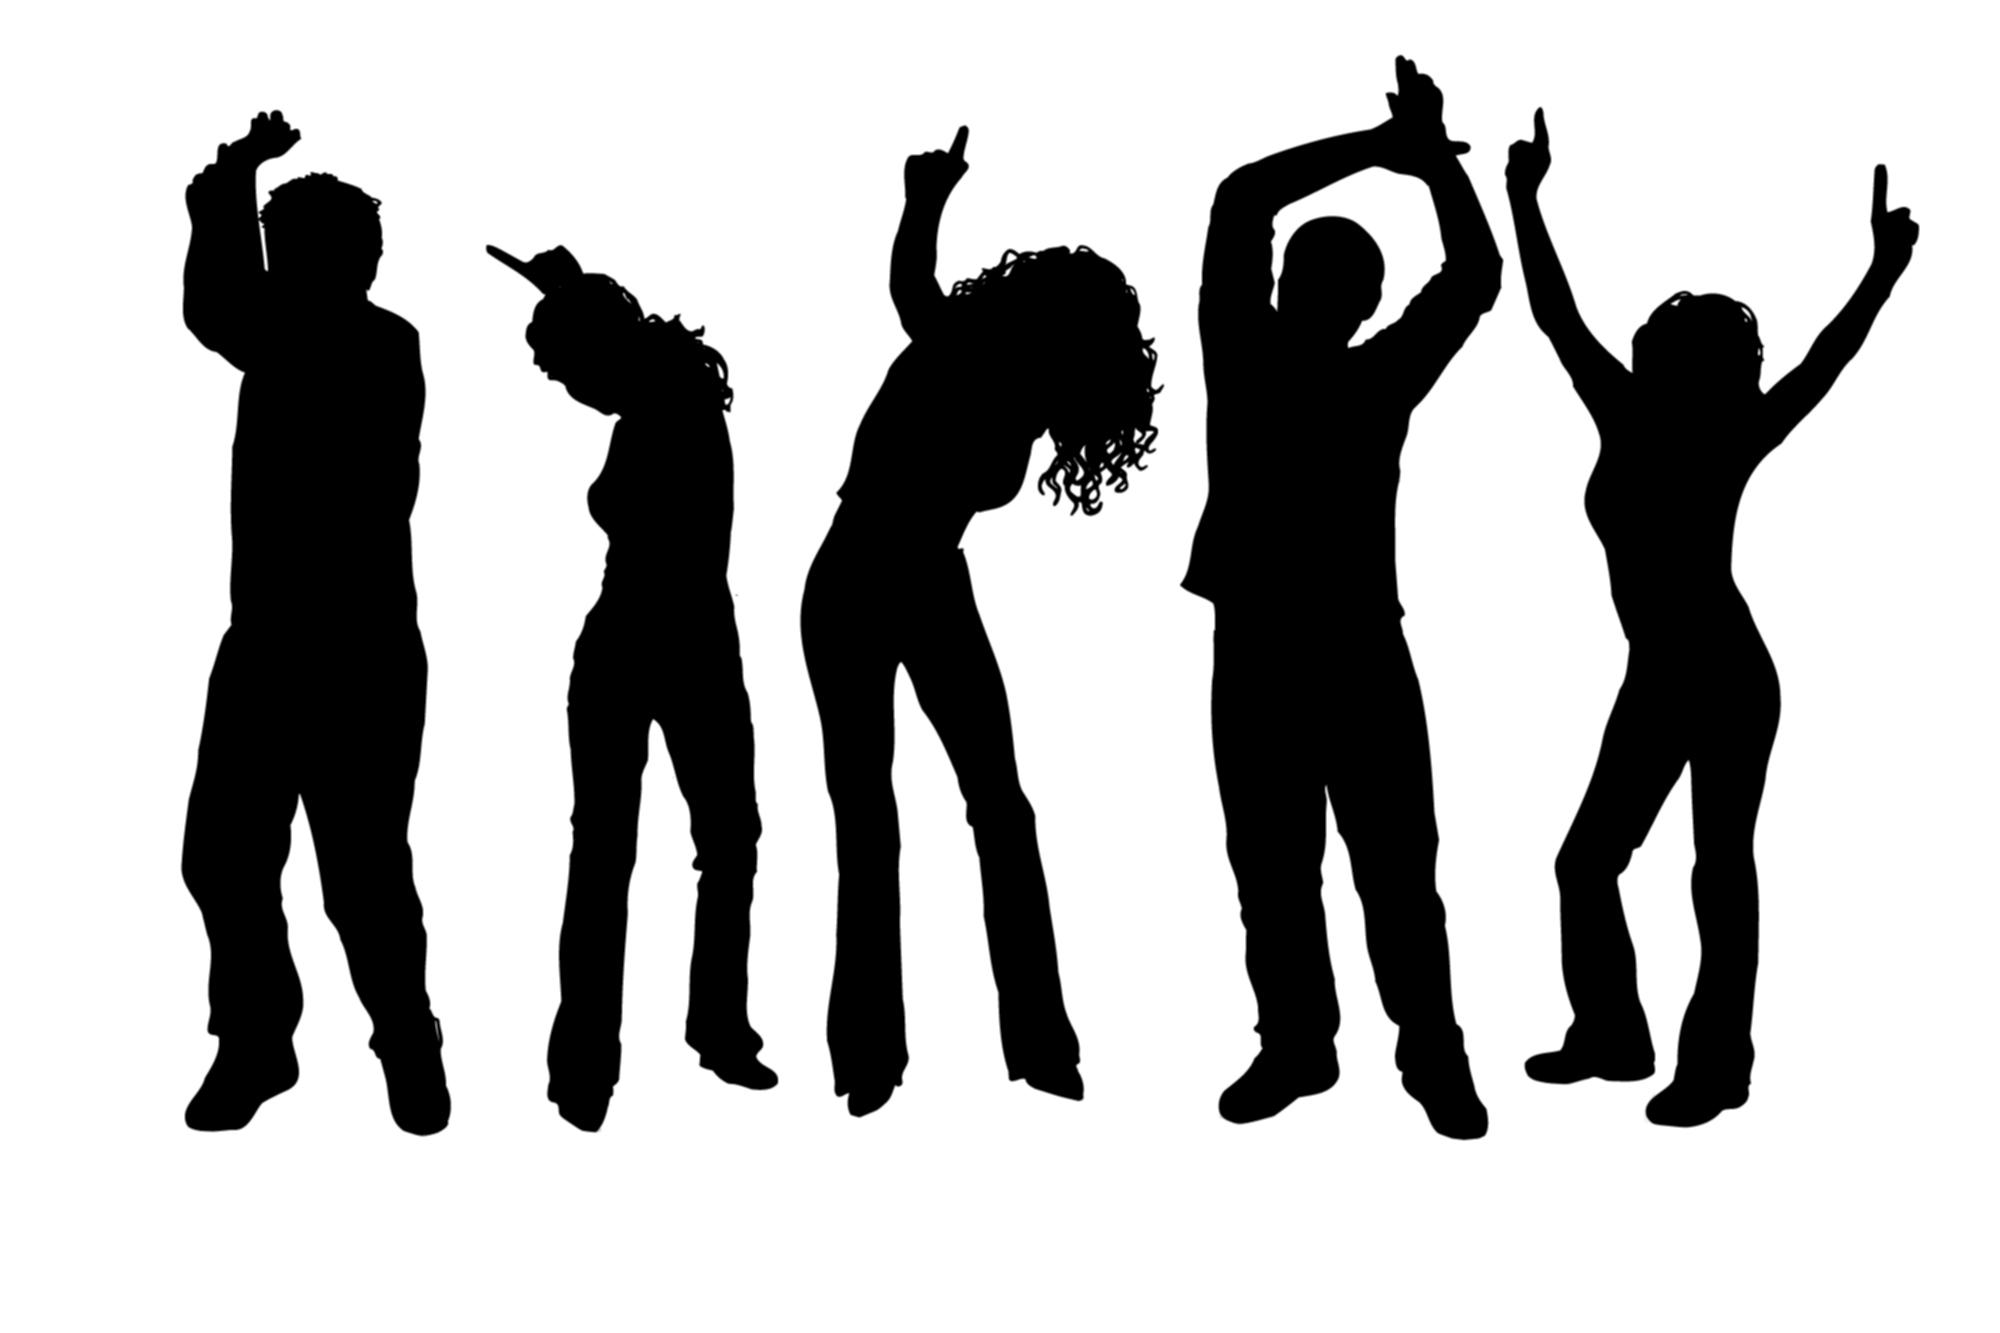 Dancing clipart #18, Download drawings